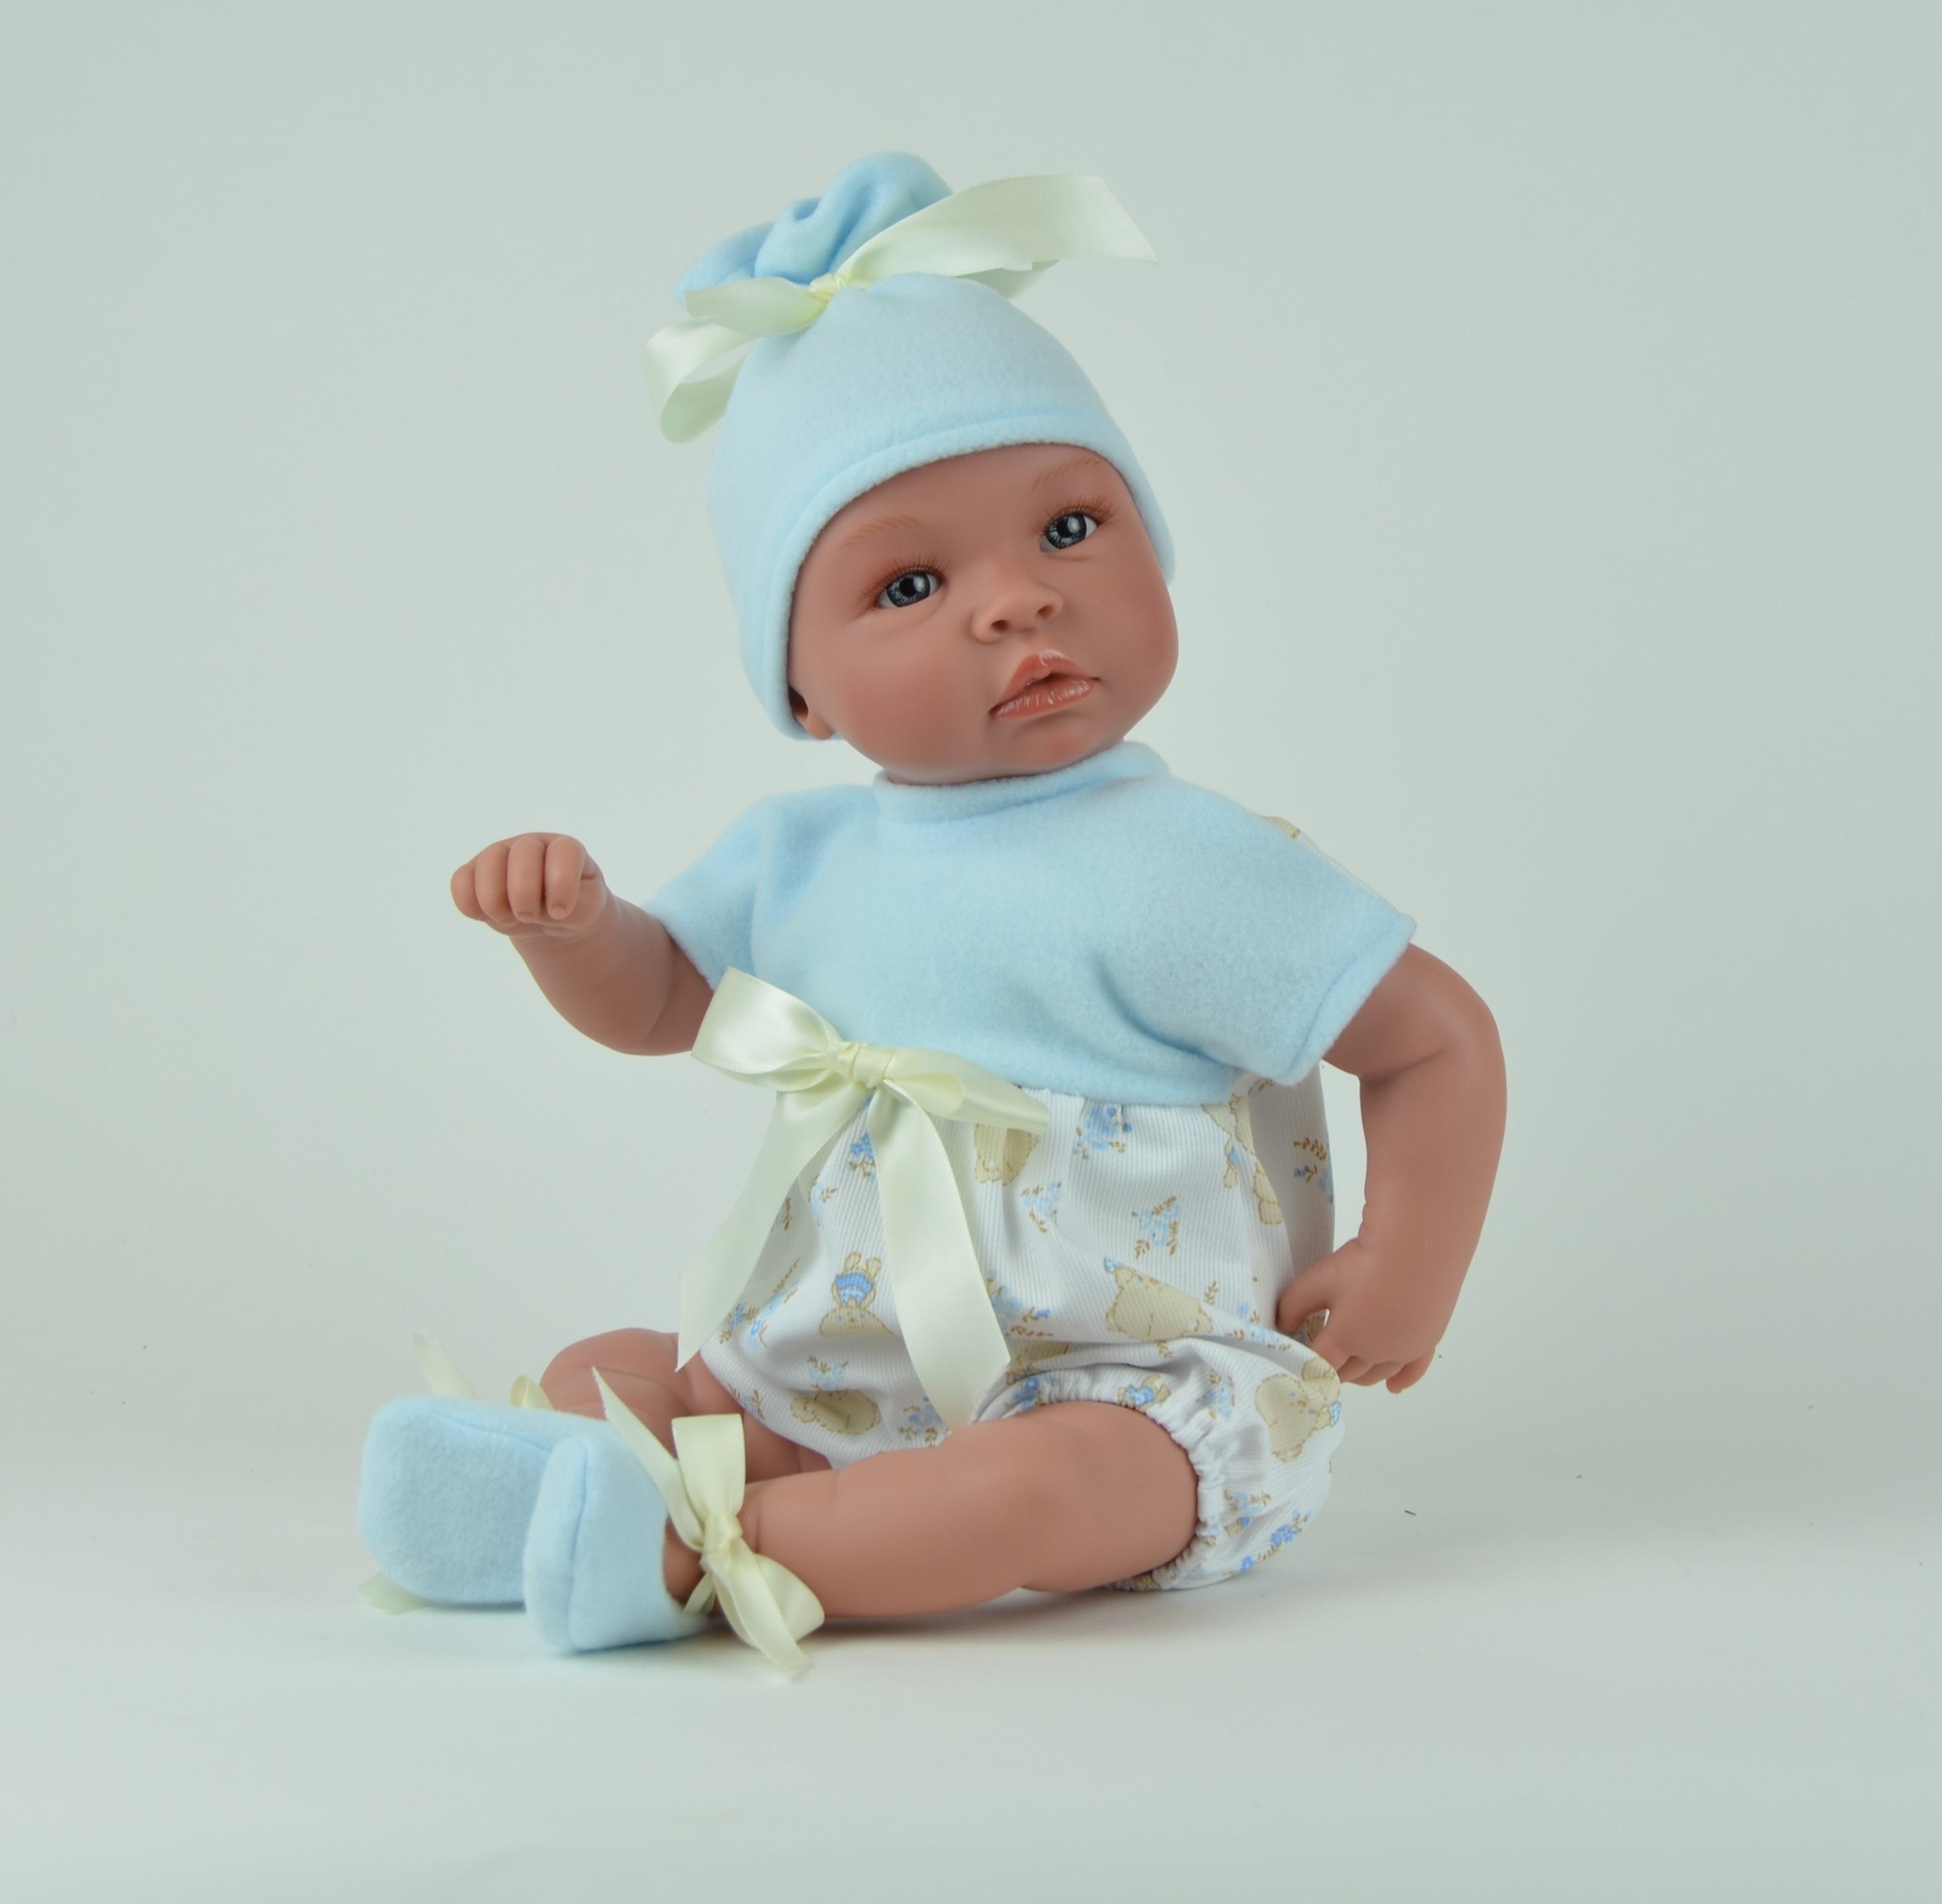 Кукла Лео в голубой шапочке, 50 см.Куклы ASI (Испания)<br>Кукла Лео в голубой шапочке, 50 см.<br>